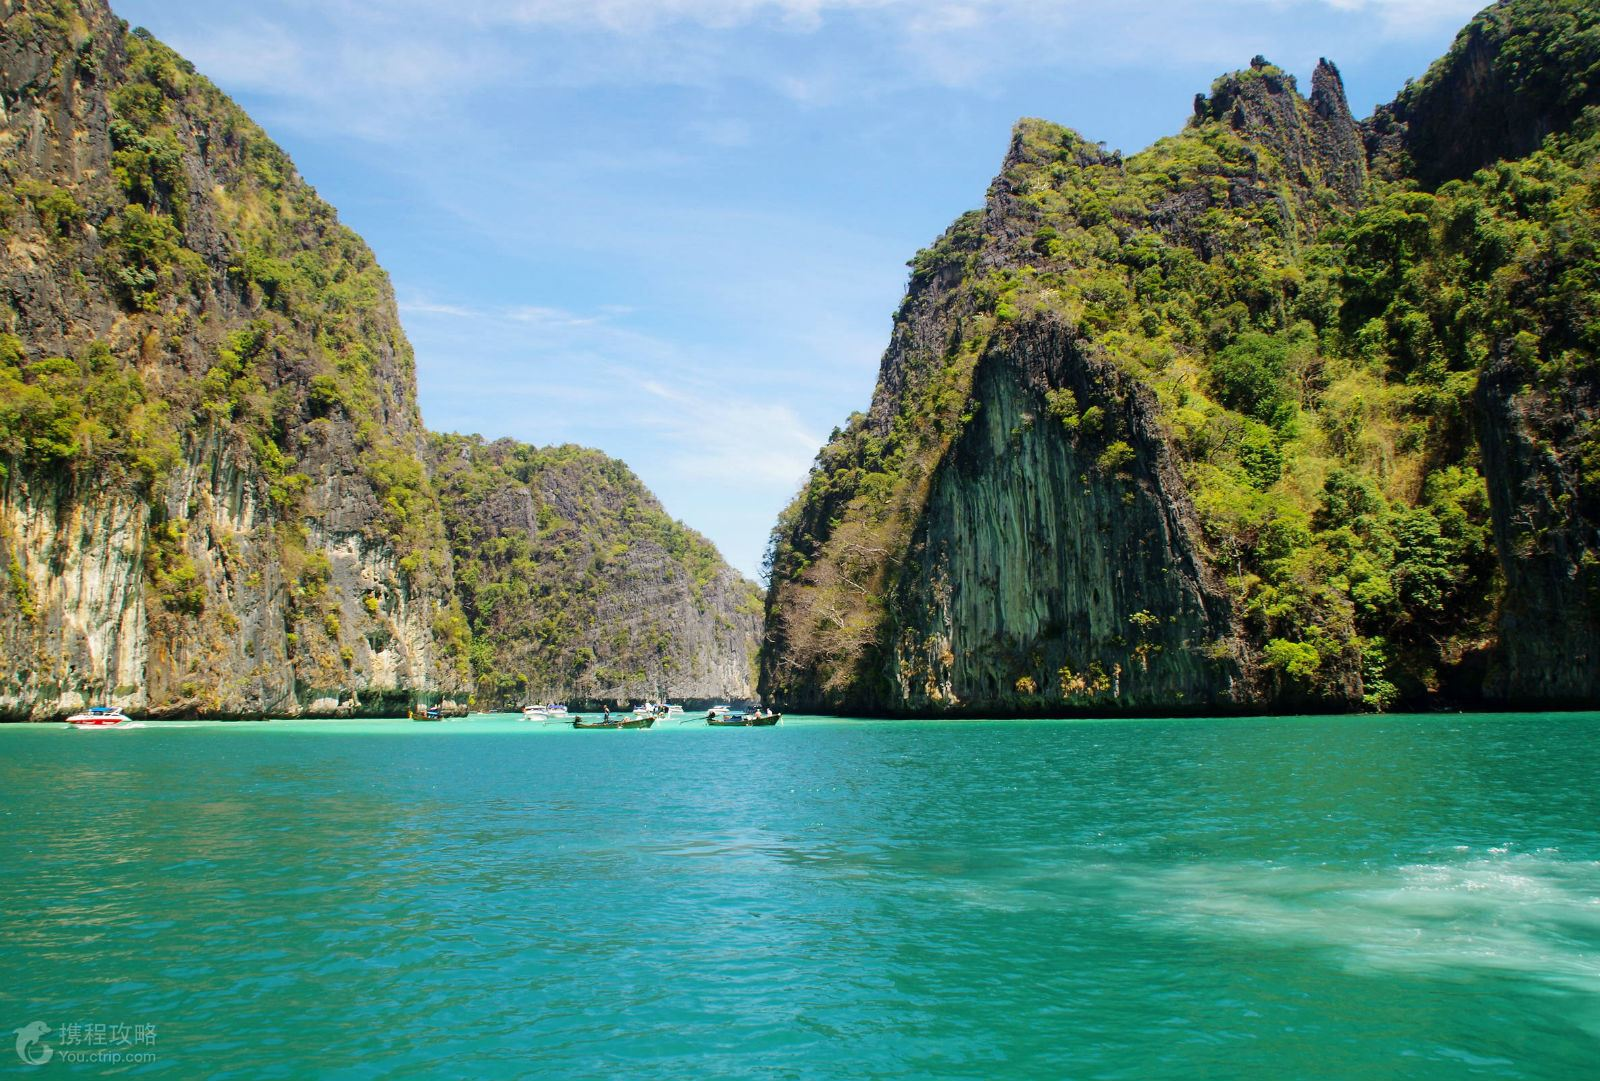 泰国普吉岛+甲米6日4晚跟团游·甲米四岛+珍珠岛